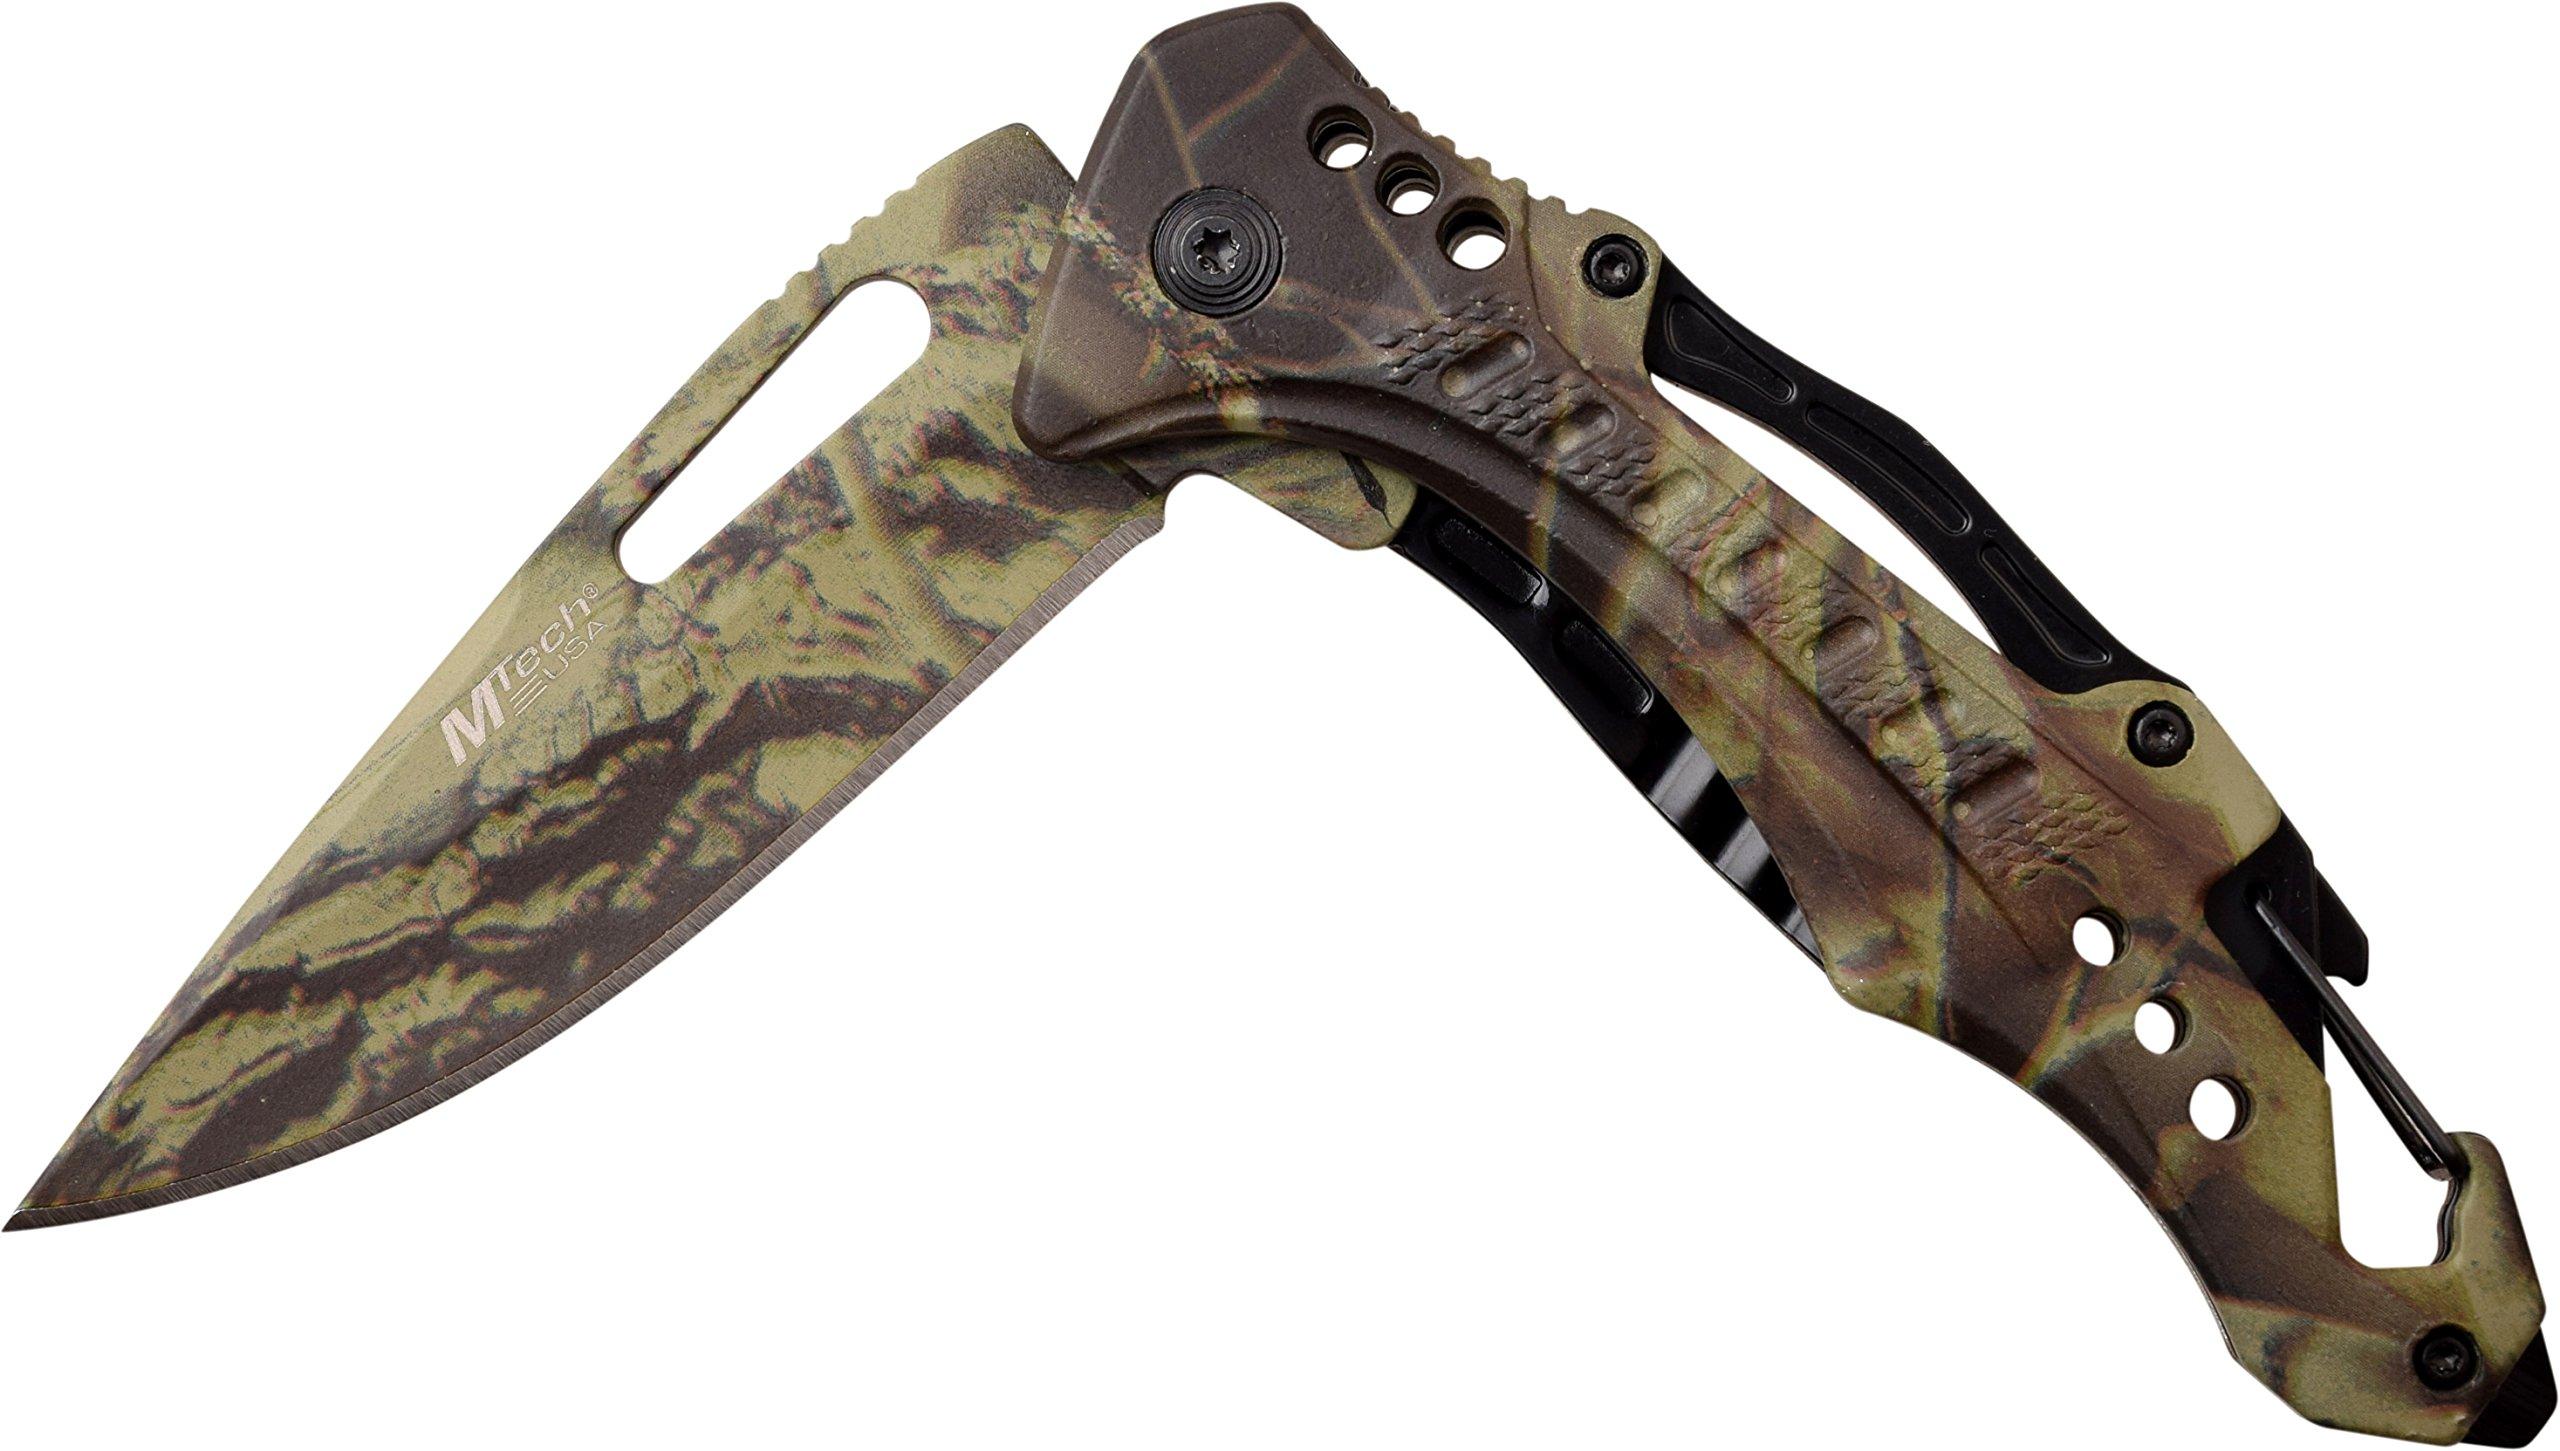 MTECH USA Ballistic MT A705G2 CA Spring Assist Folding Knife, Camo